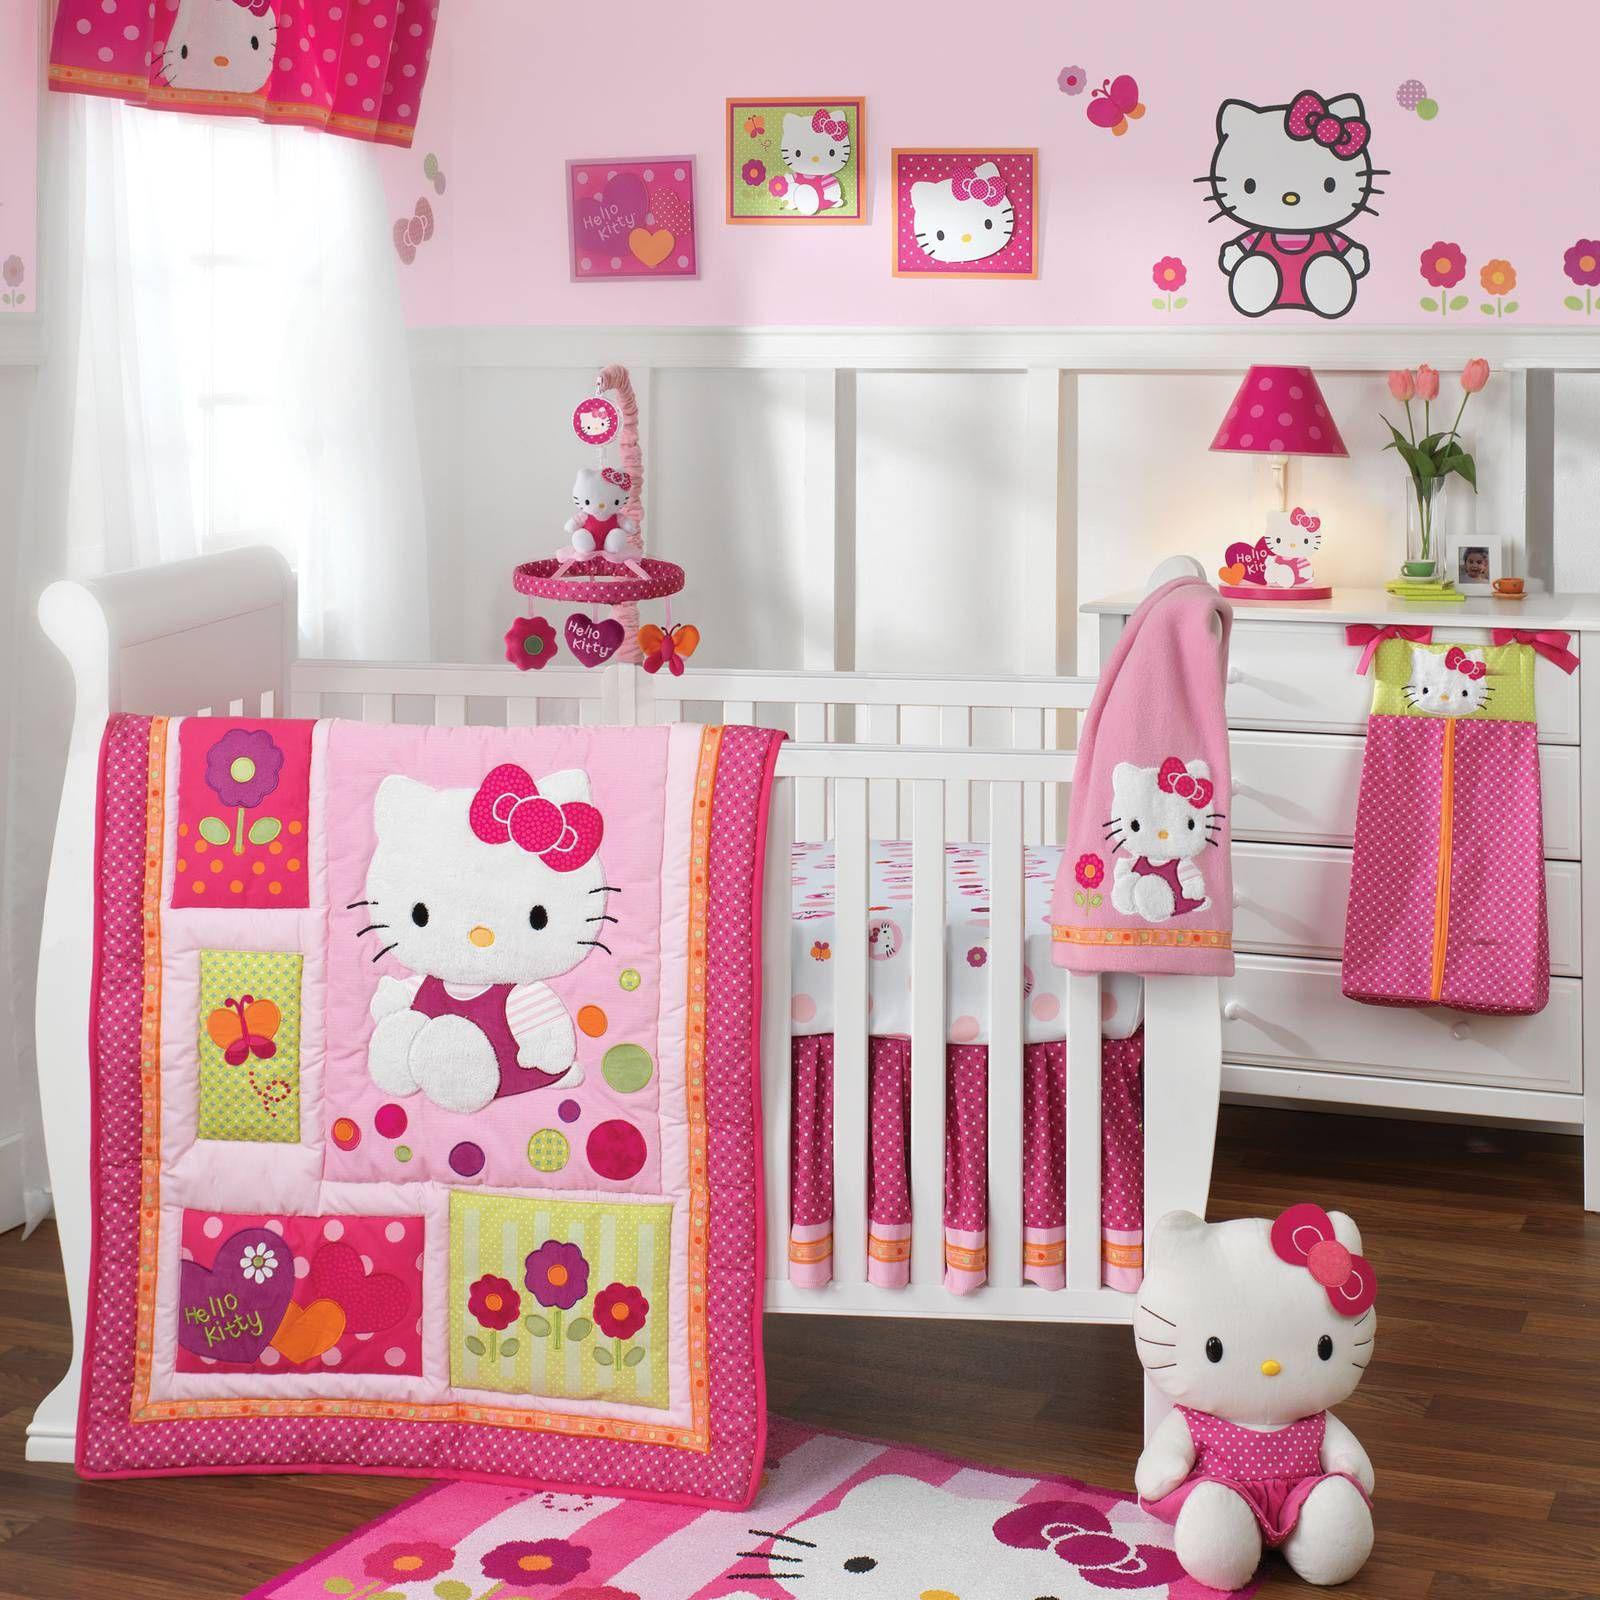 hello kitty baby room decor idea: hello kitty baby room ideas